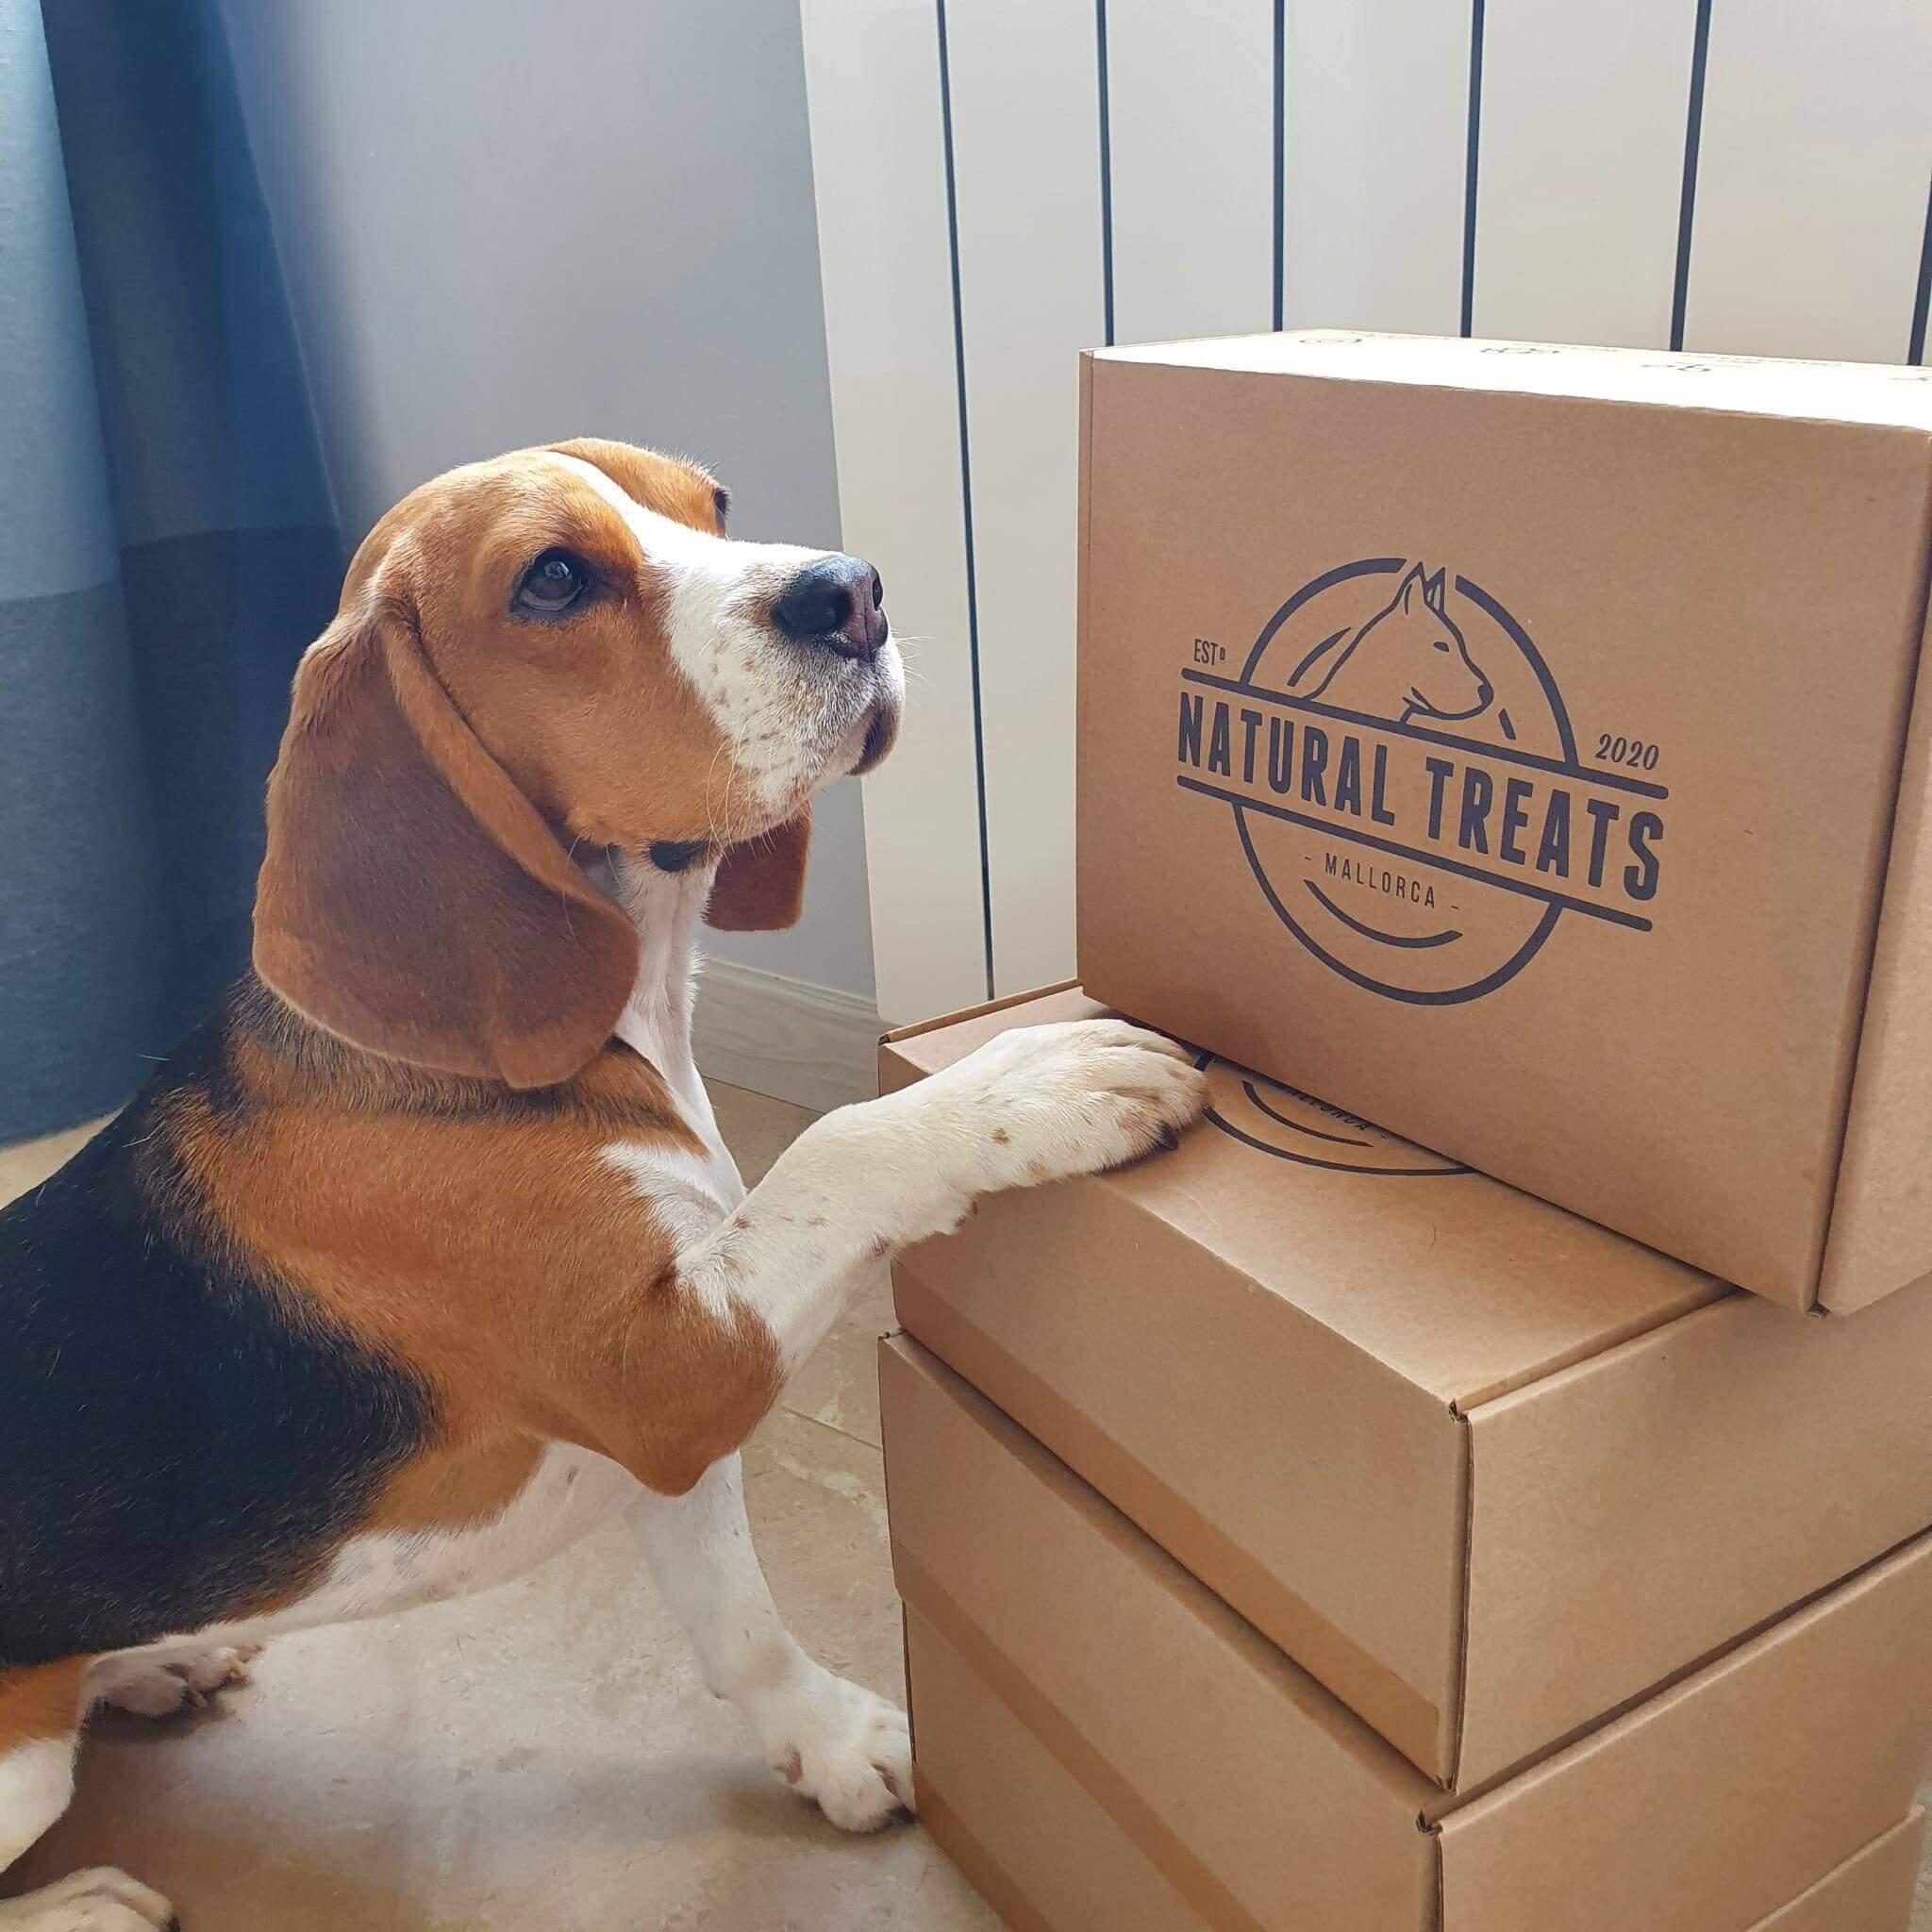 un beagle junto a varias cajas de cartón